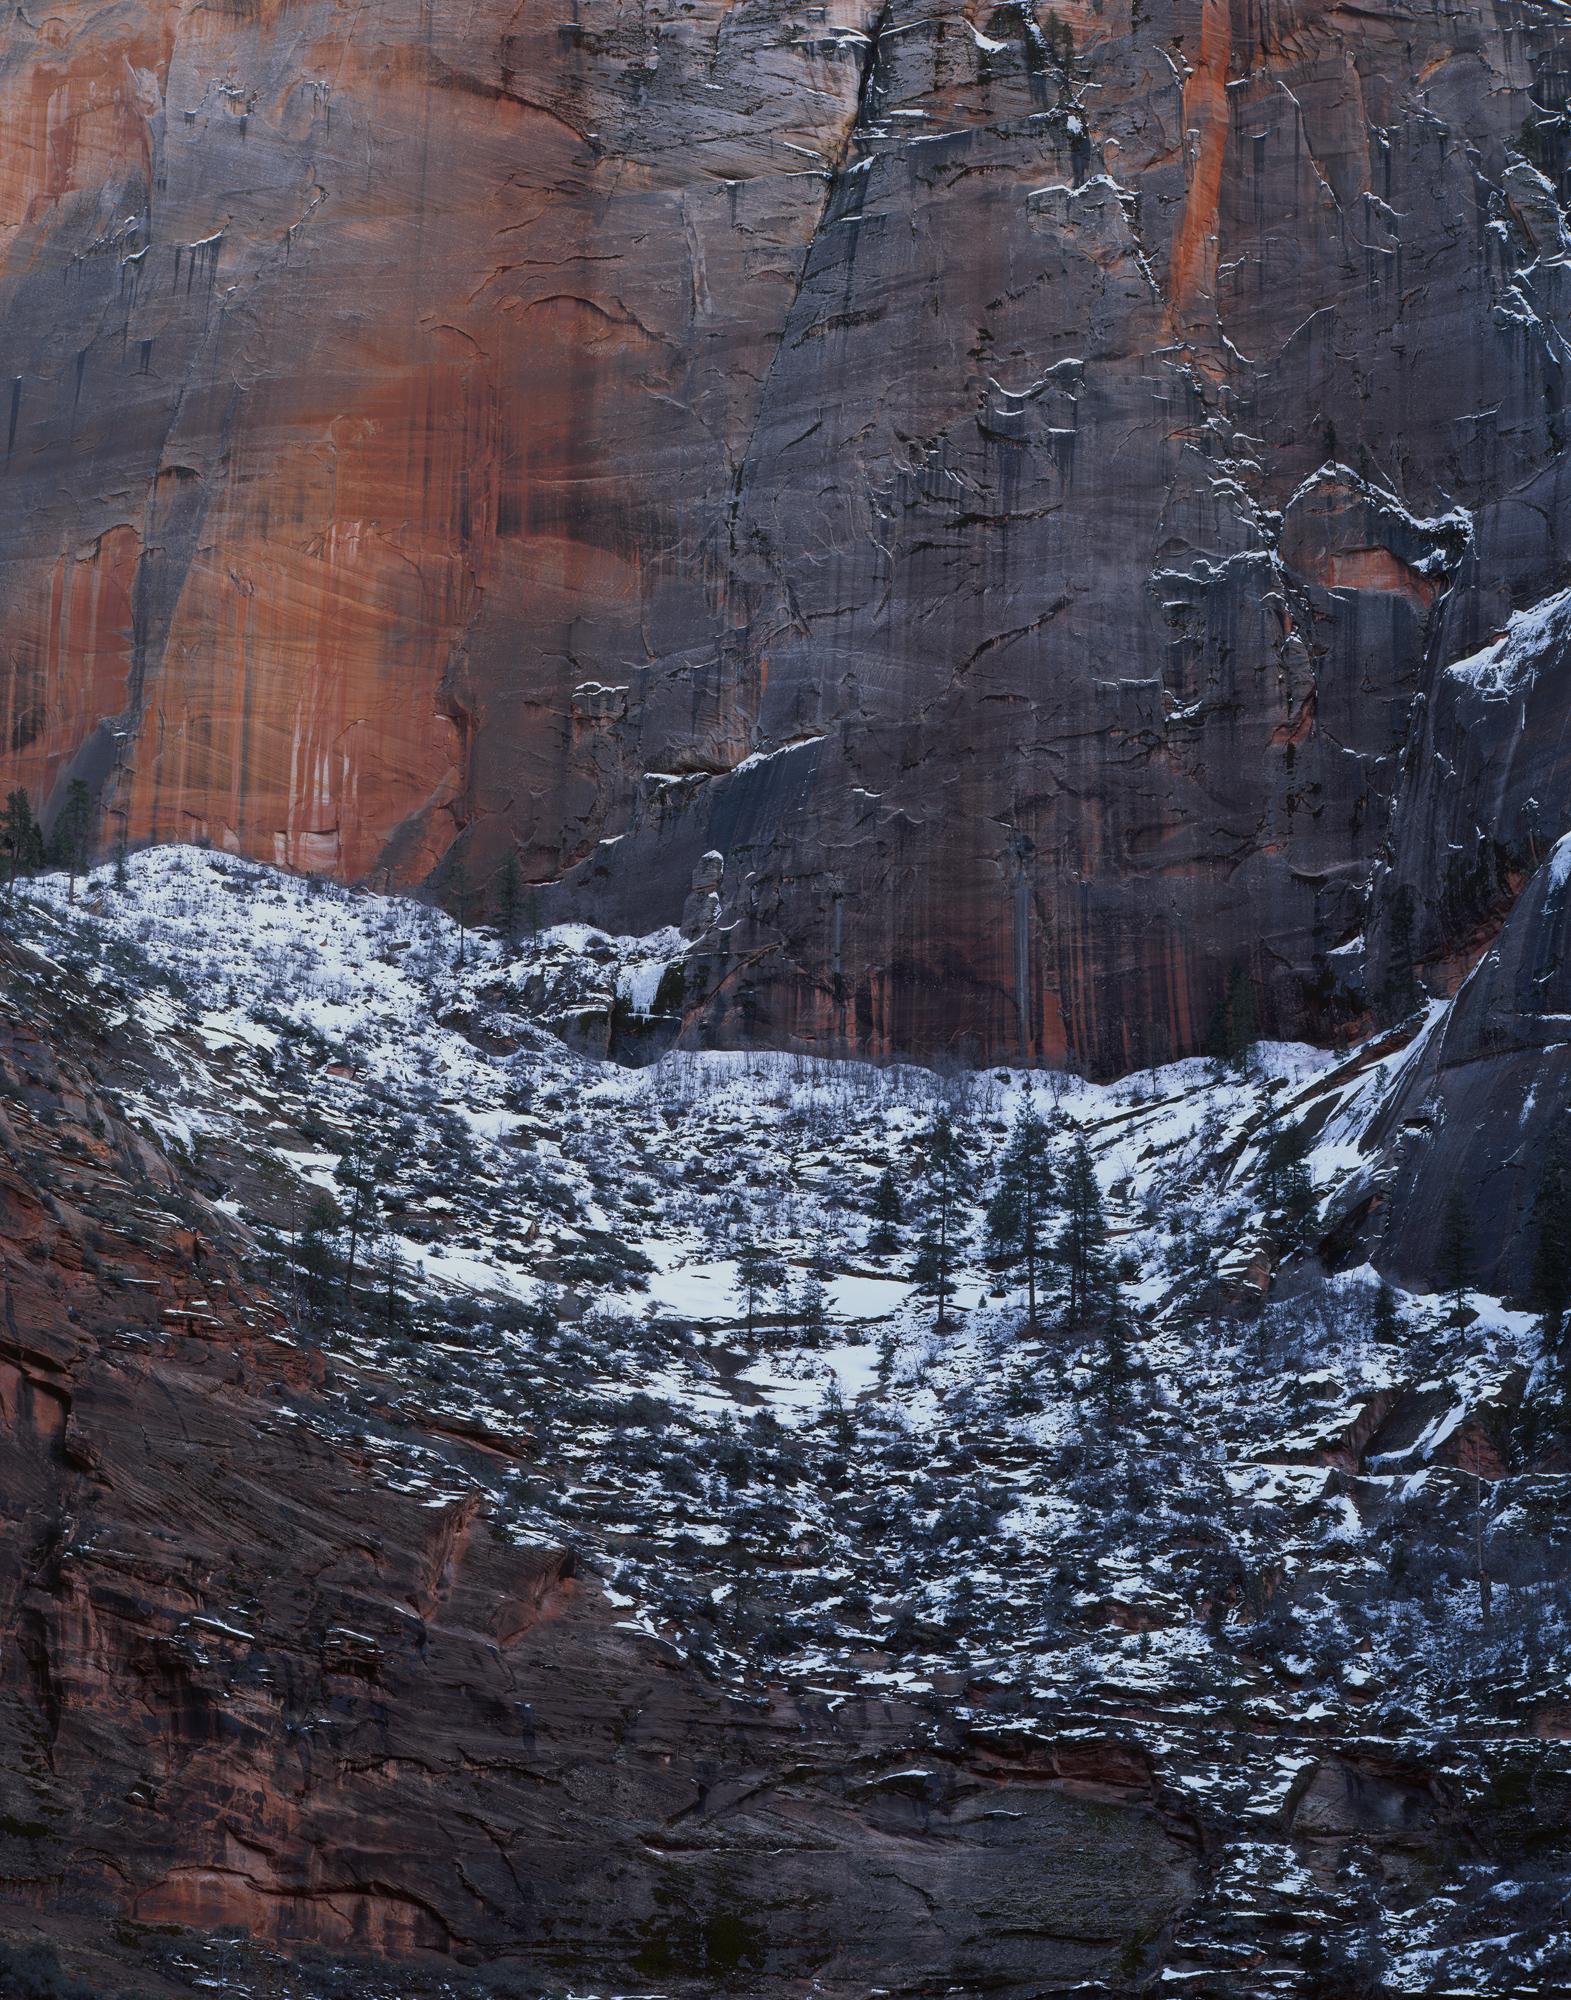 Canyon Wall  | Zion National Park, Utah